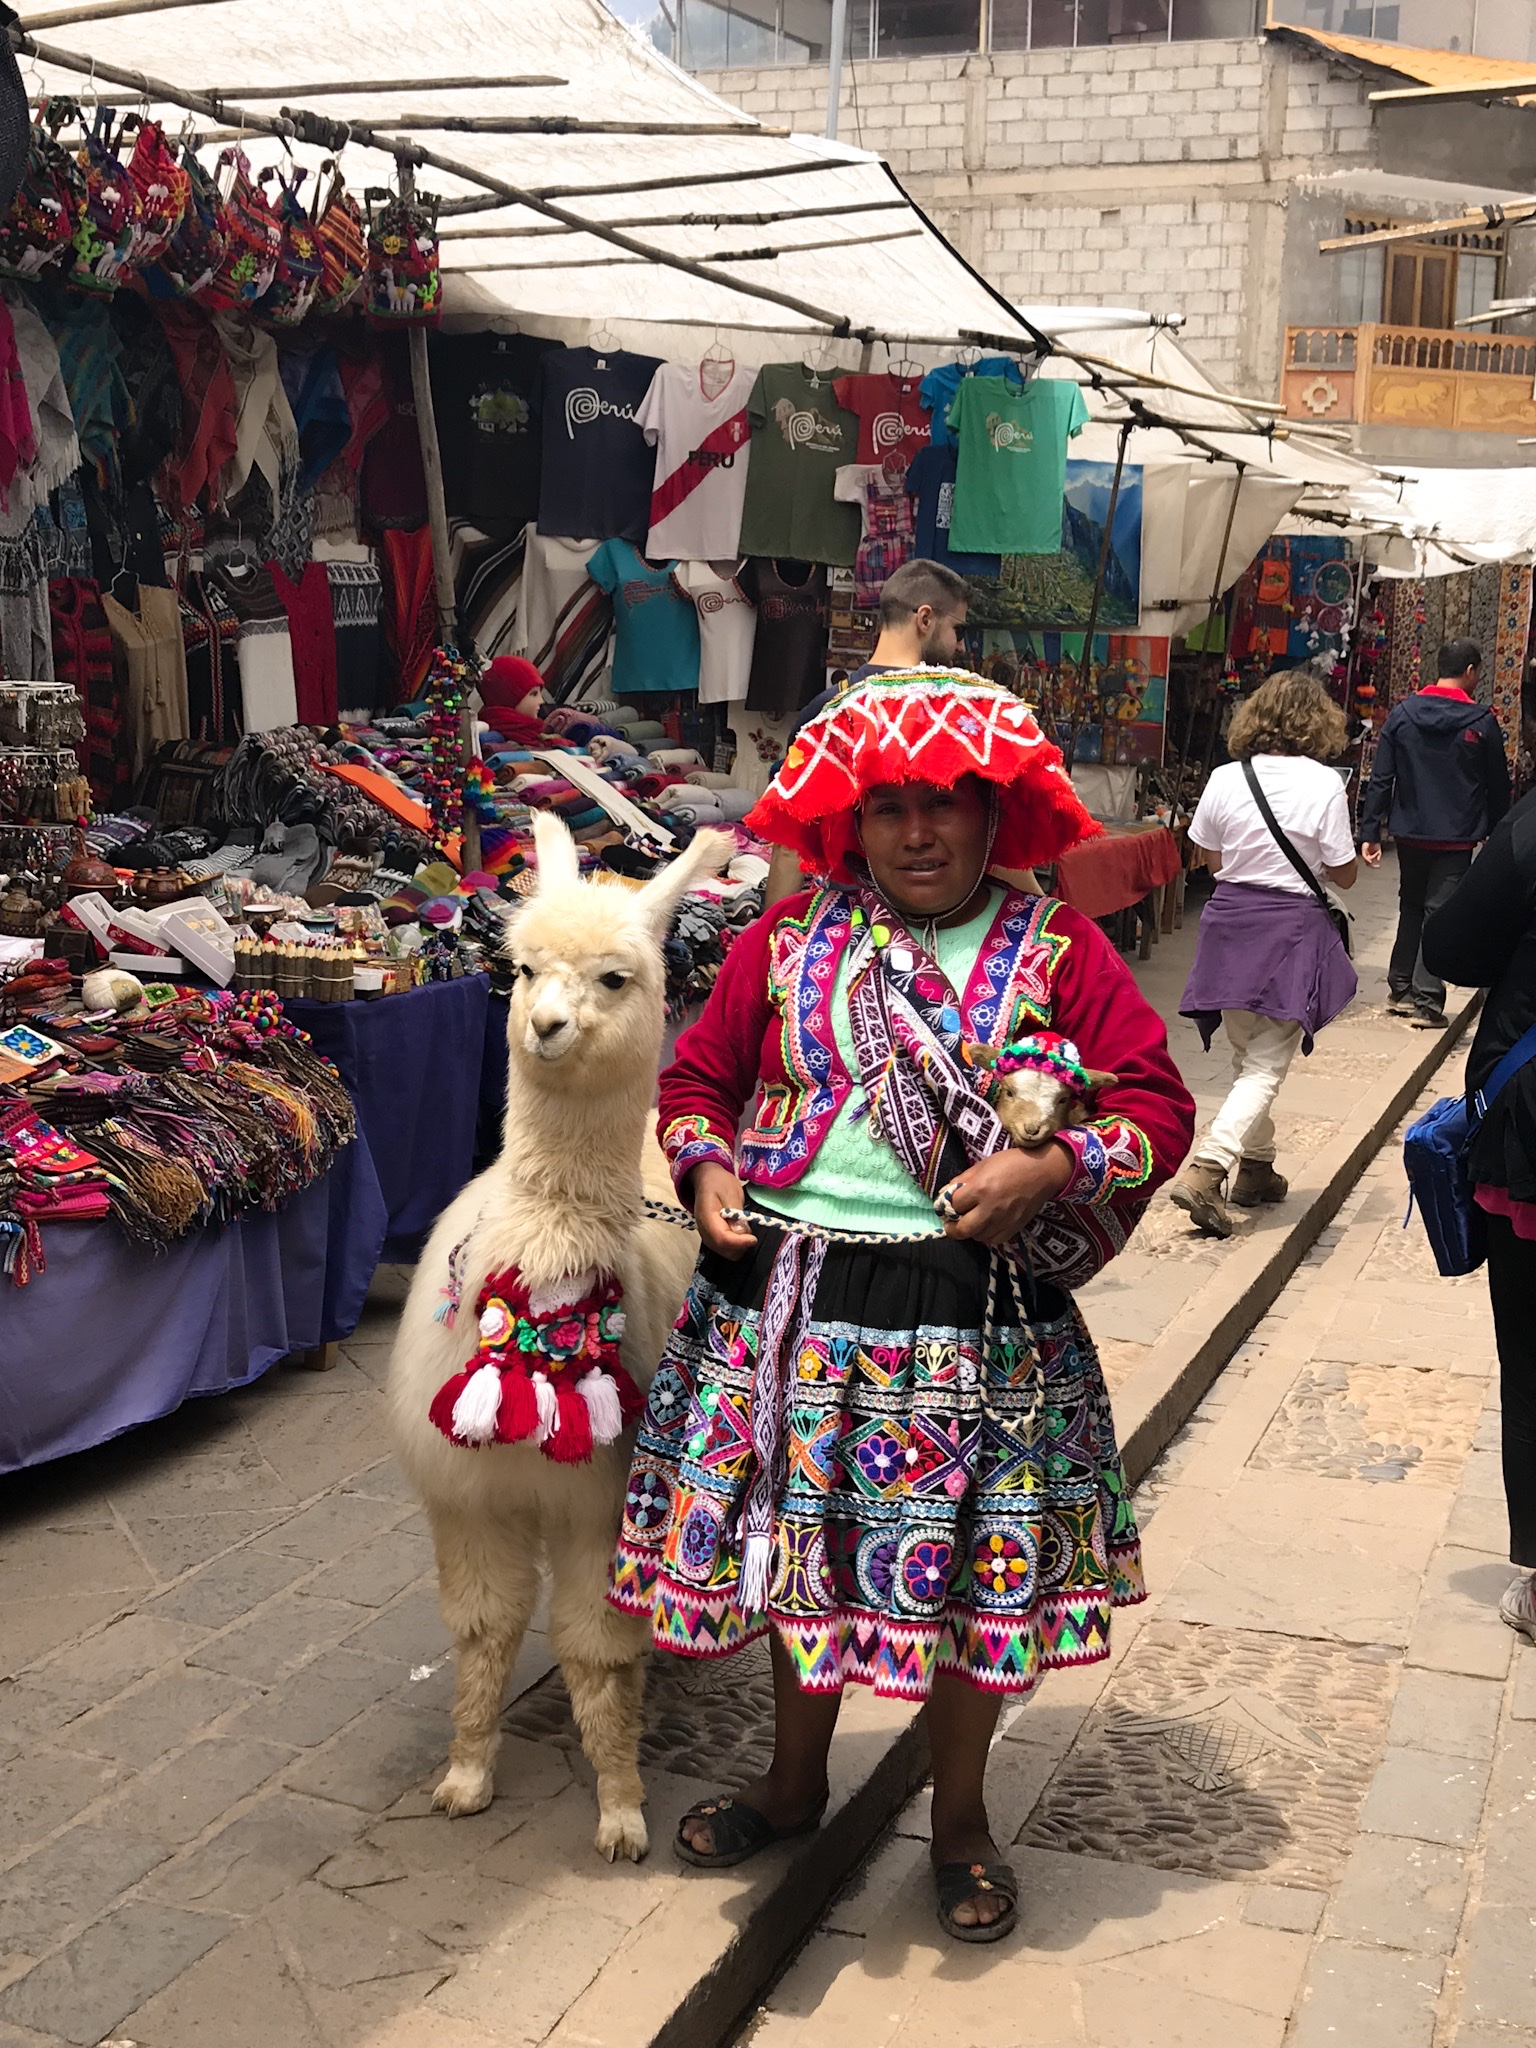 Il mio viaggio in Perú – Machu Picchu